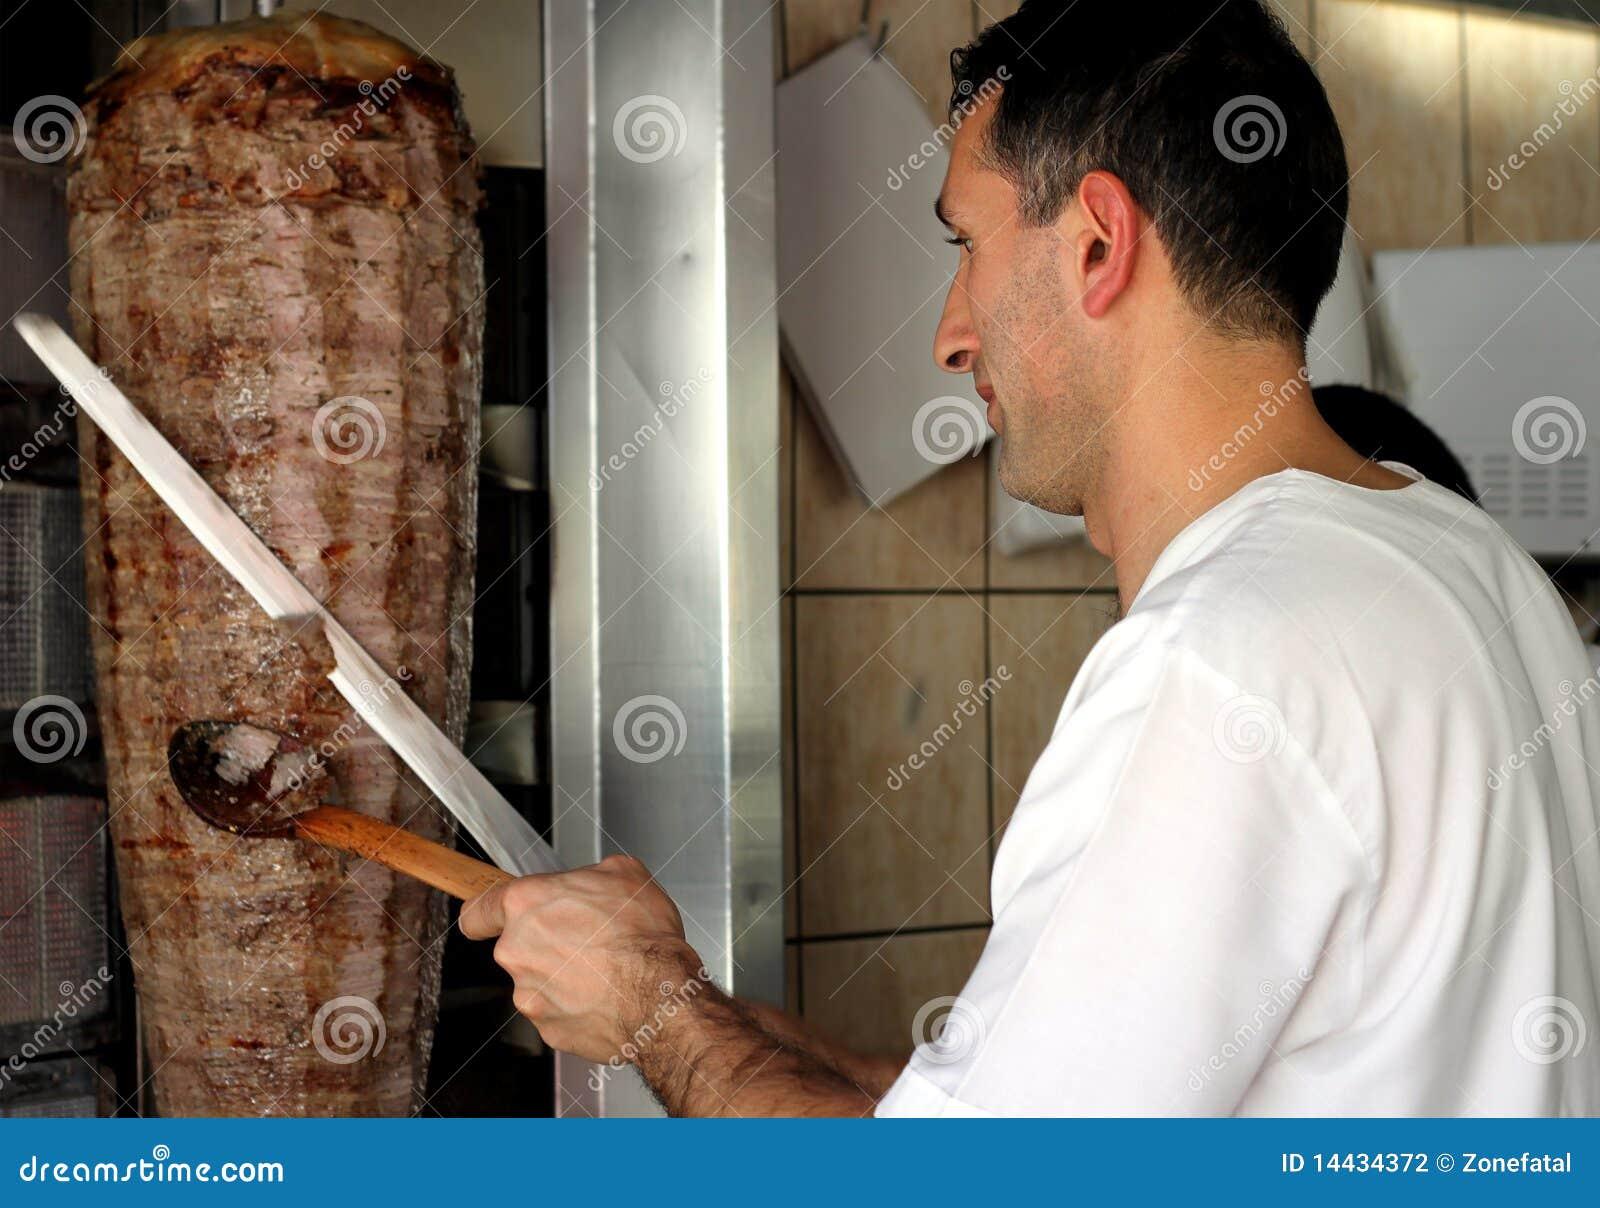 Doner kebab turkish